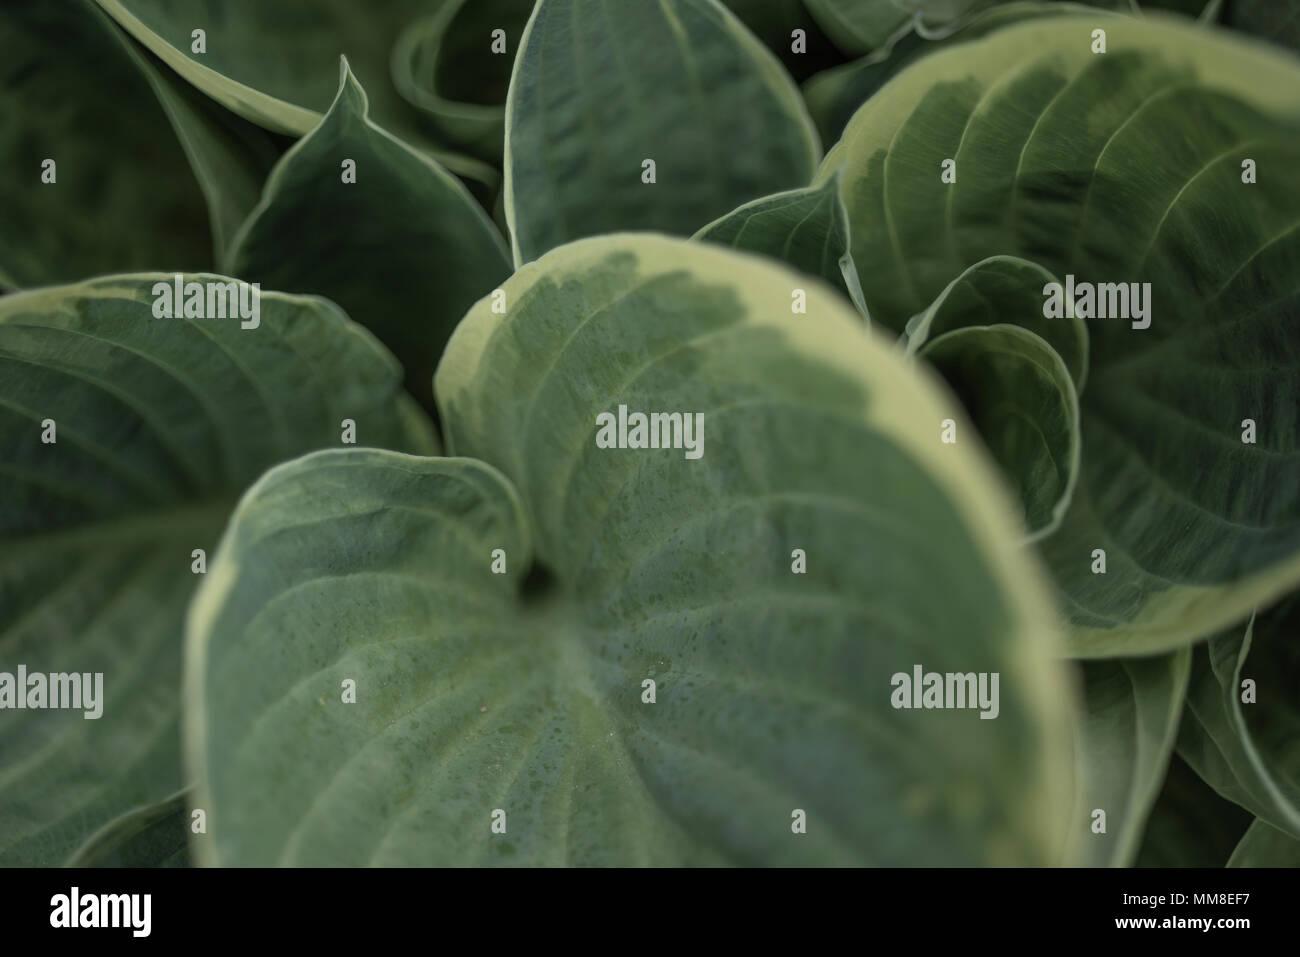 Grüne Blätter einer Hosta Werk. PHILLIP ROBERTS Stockbild